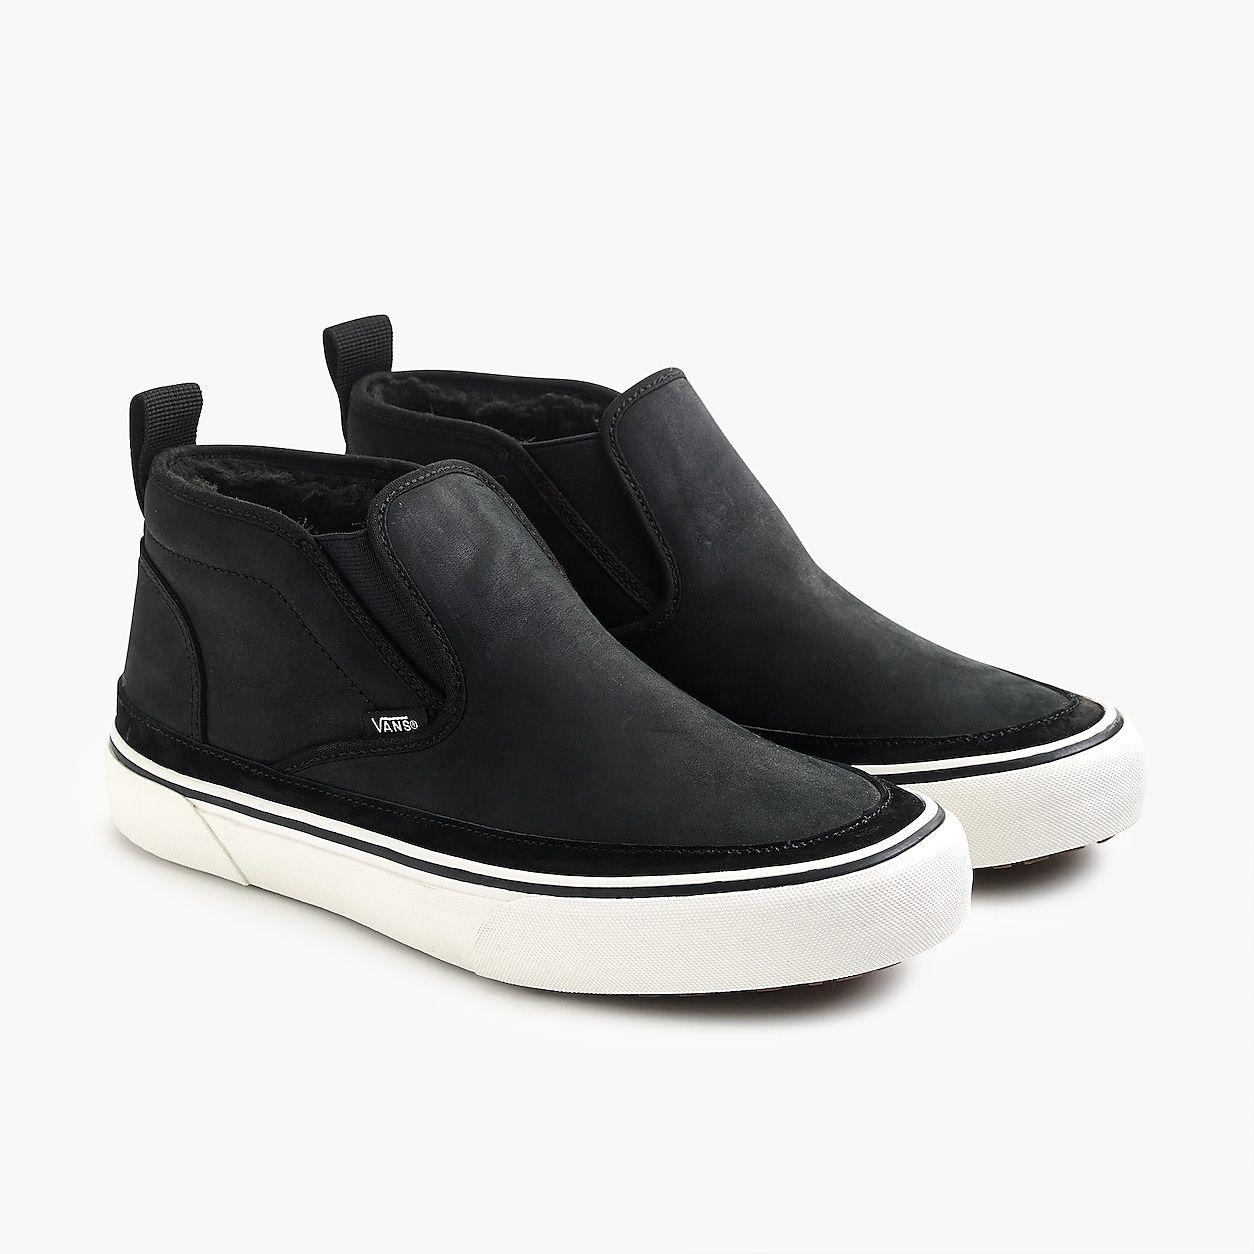 3efeda17882 Vans Mid Slip-On Mte Sneakers